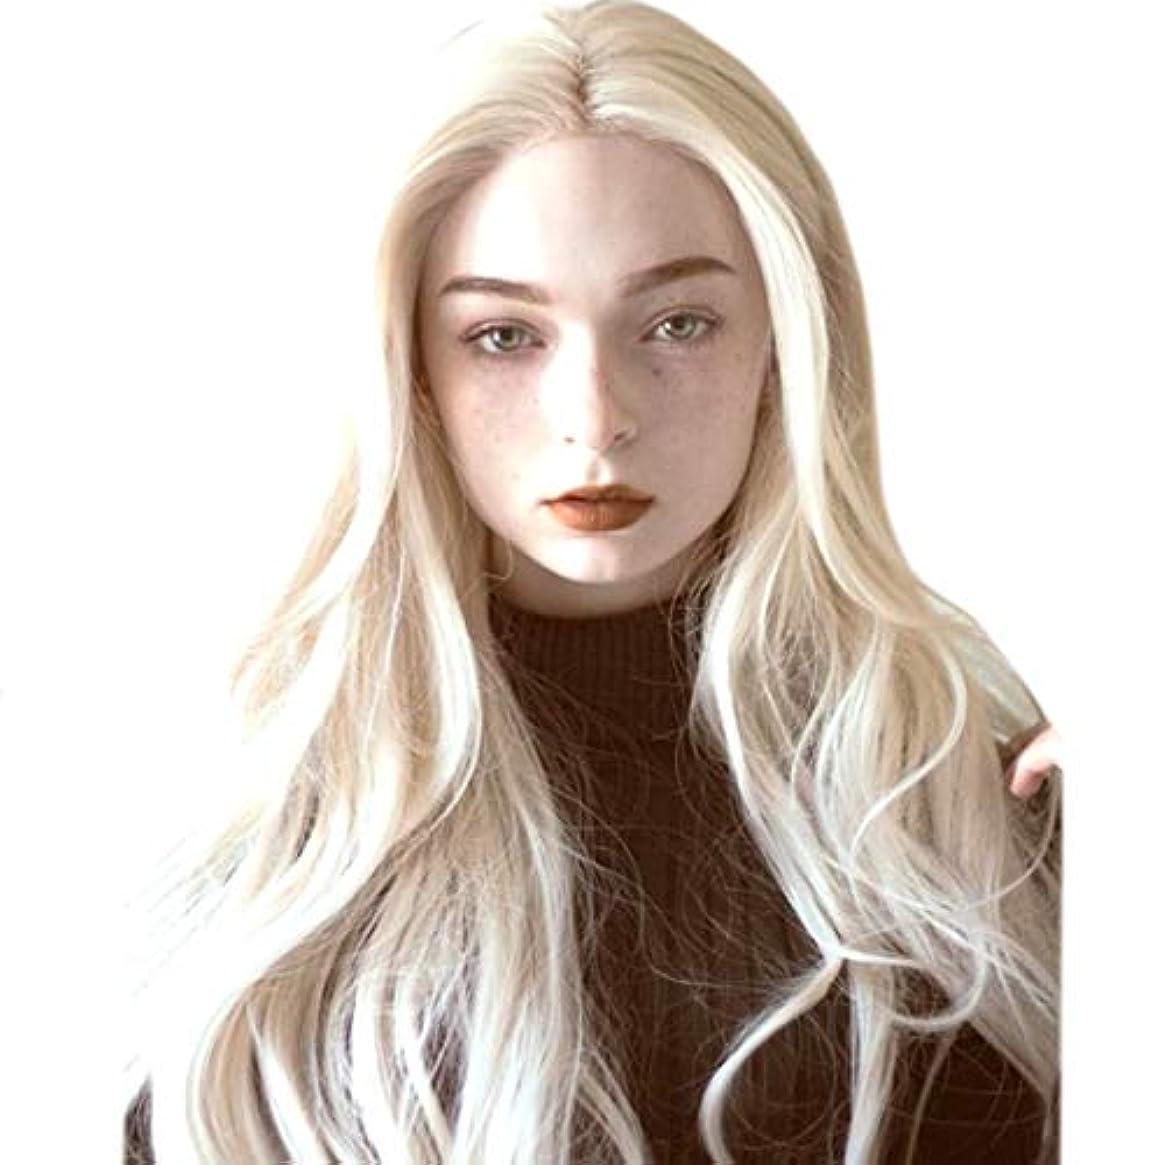 拘束交渉するみSummerys ロングヘアウィッグロングウェーブのかかった合成のカラフルなコスプレデイリーパーティーウィッグ本物の髪として自然な女性